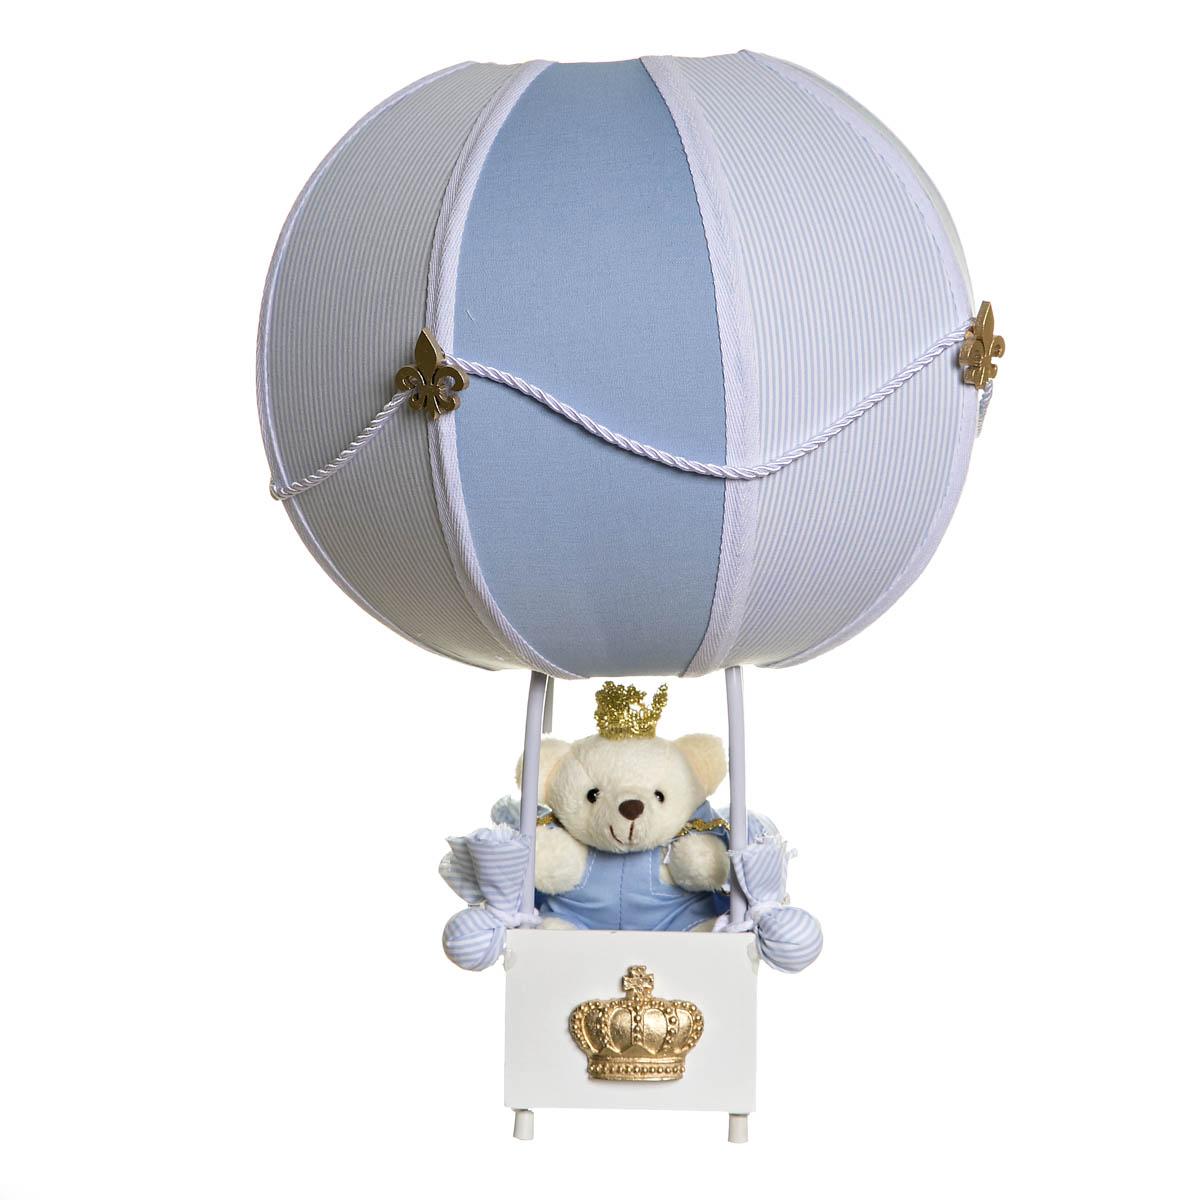 Abajur Abajur Infantil Abajur Bebê Abajur com Boneca Luminária Decoração  Quarto de Bebê Enxoval Kit Bebê  23a8a44710f